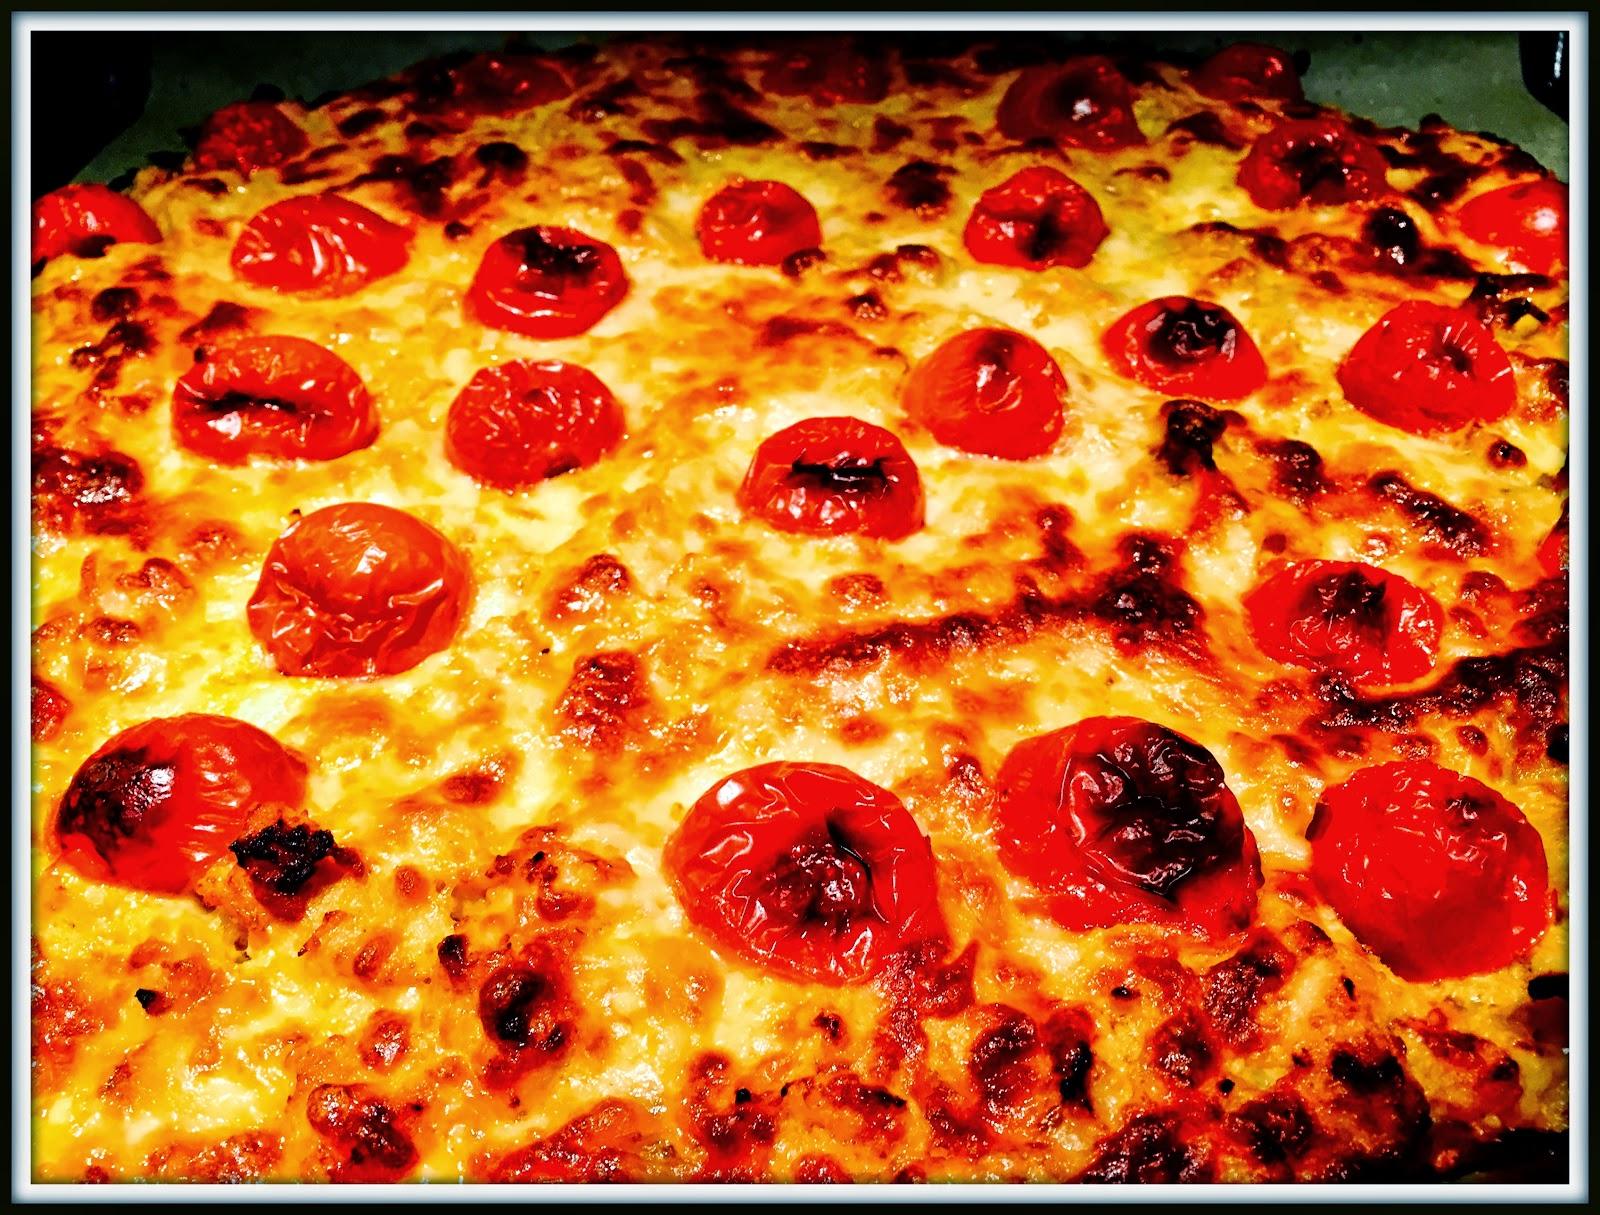 Gluteeniton Pizzapohja Pellillinen